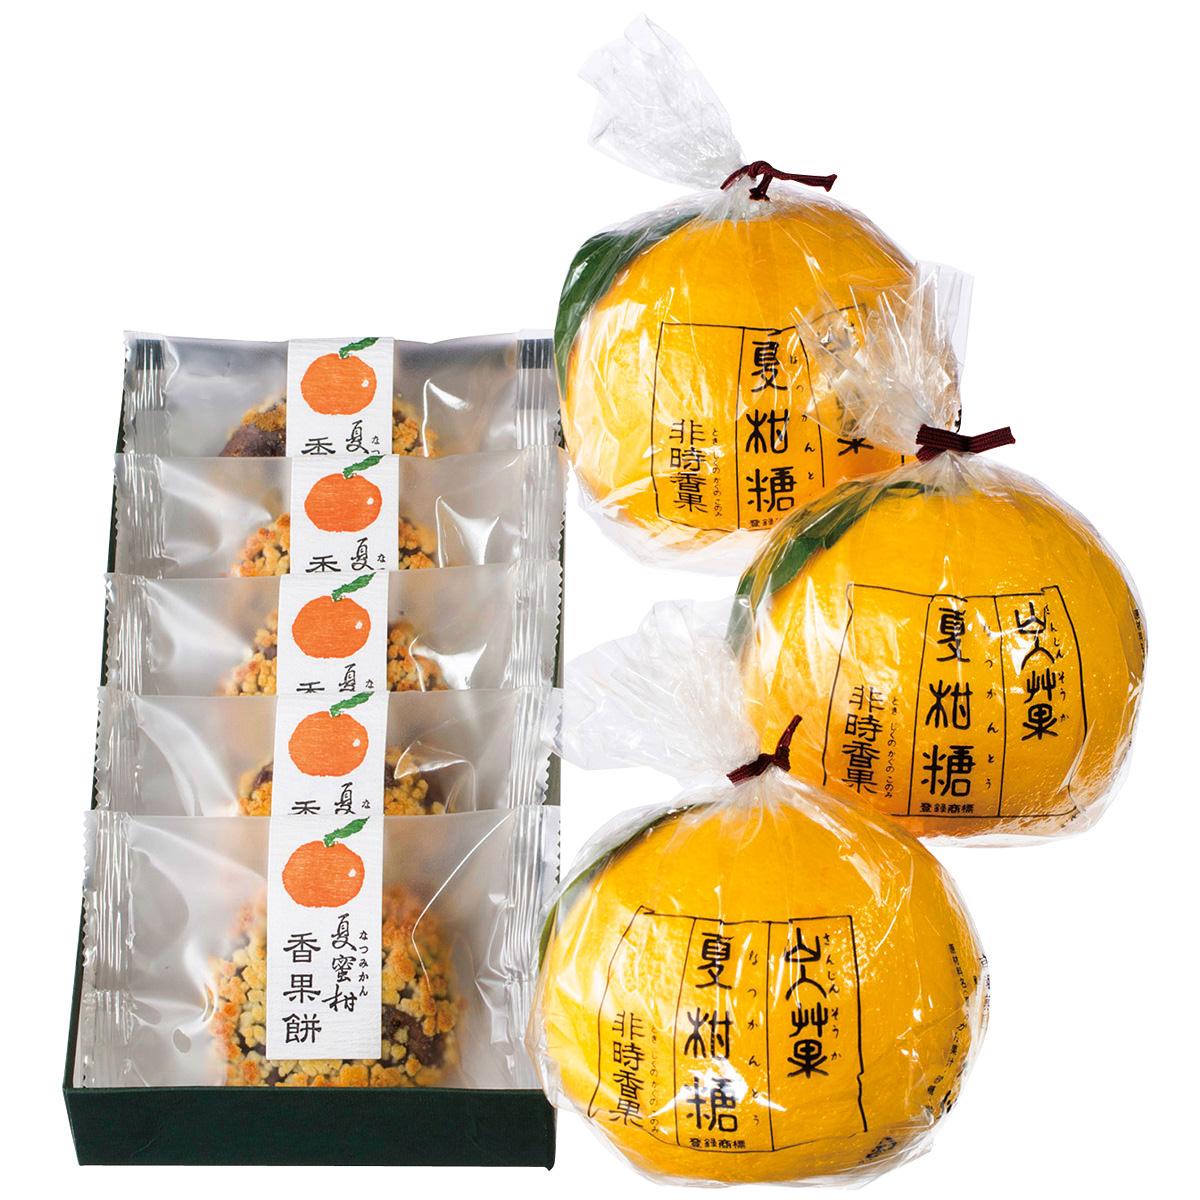 老松 夏柑糖セット (1)